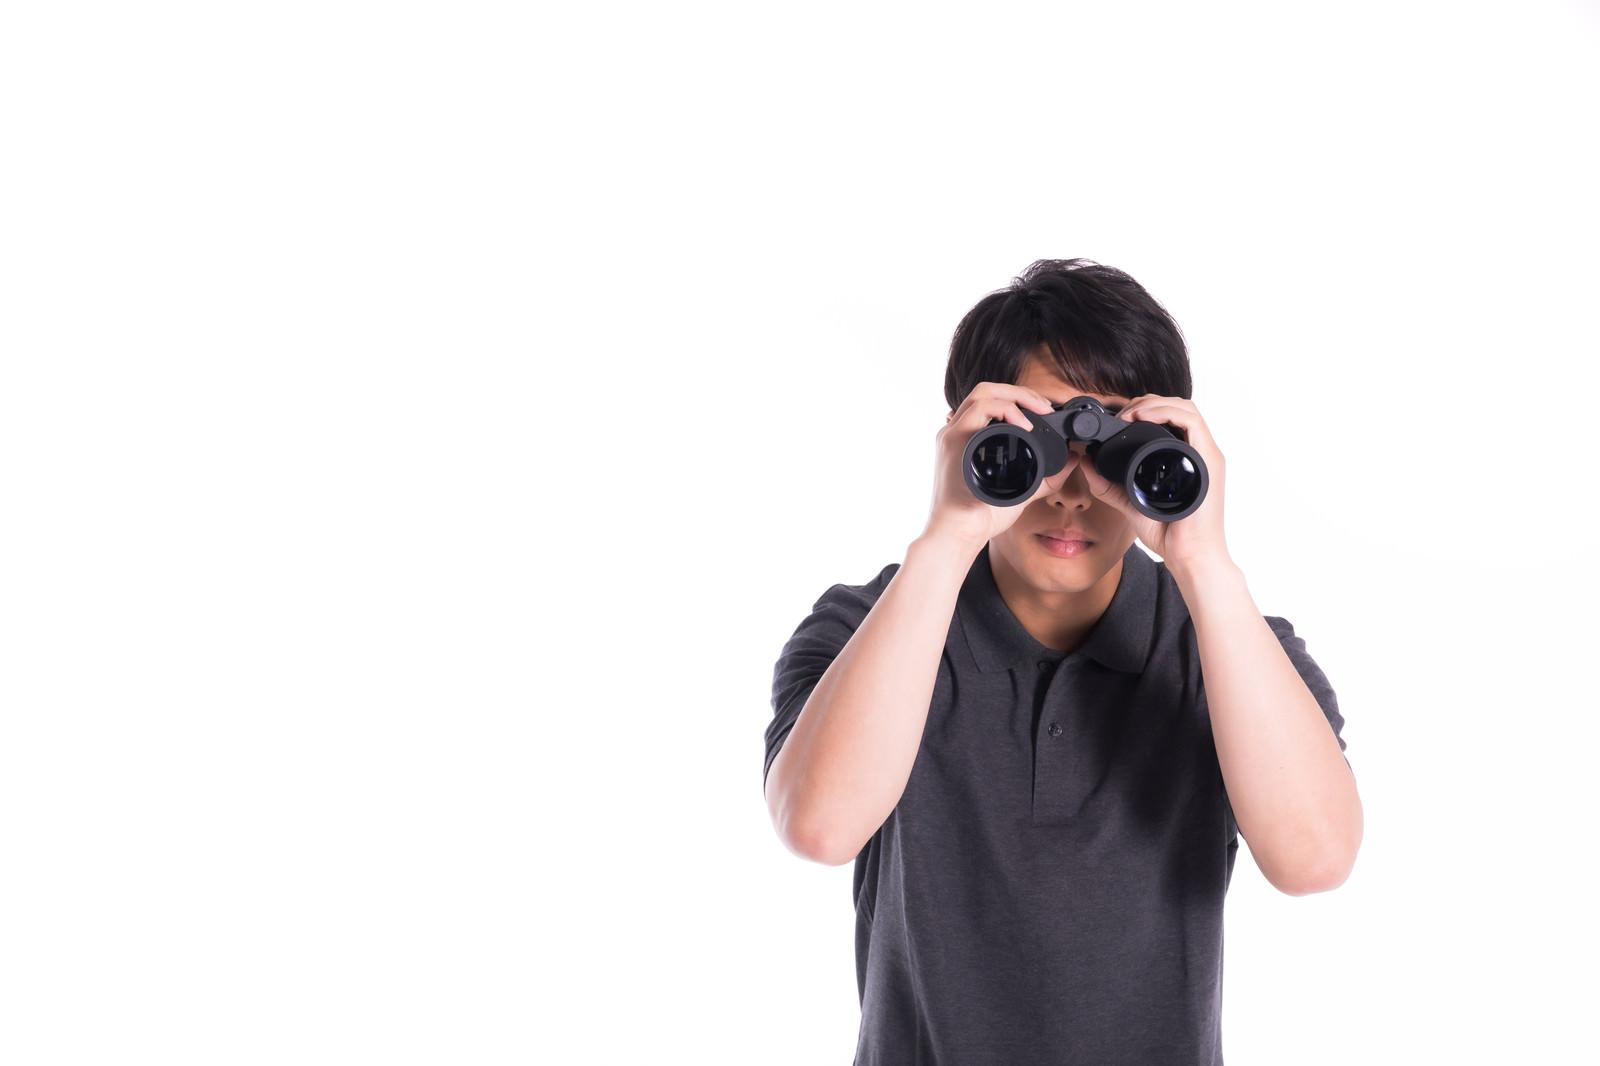 「浮気調査中の探偵」の写真[モデル:大川竜弥]